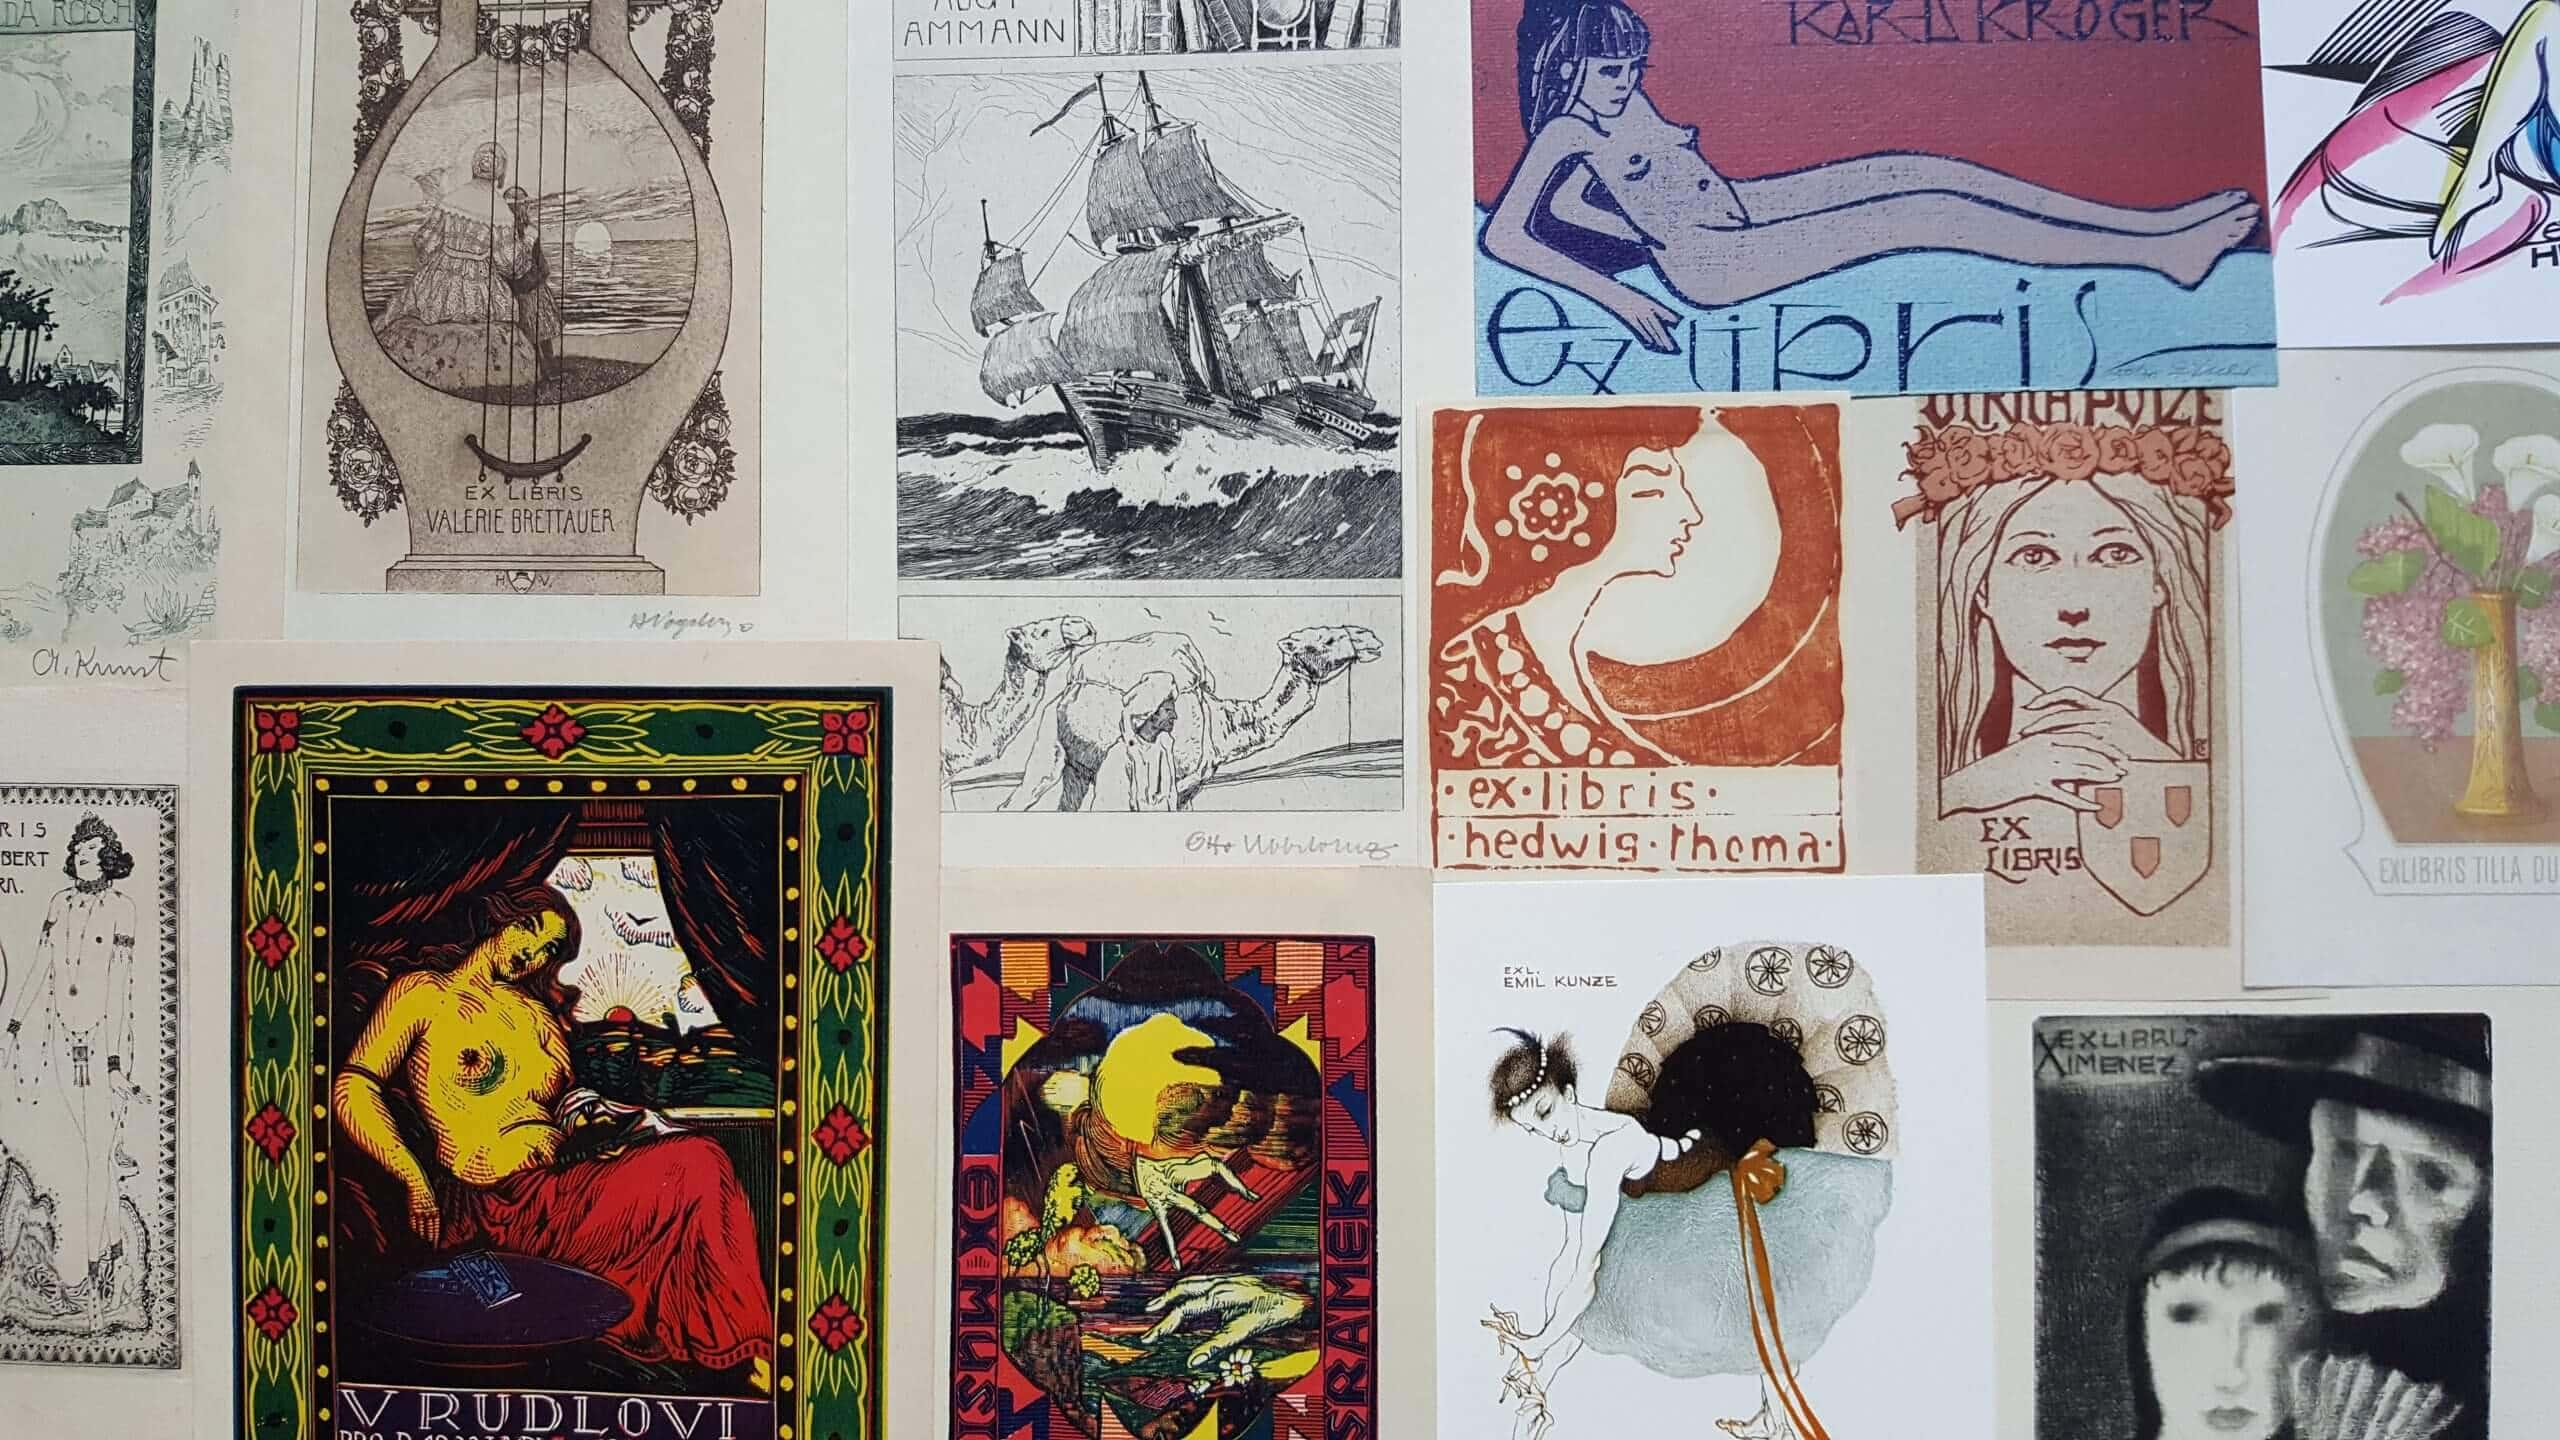 Website Bild Exlibris 1 Über das Exlibris